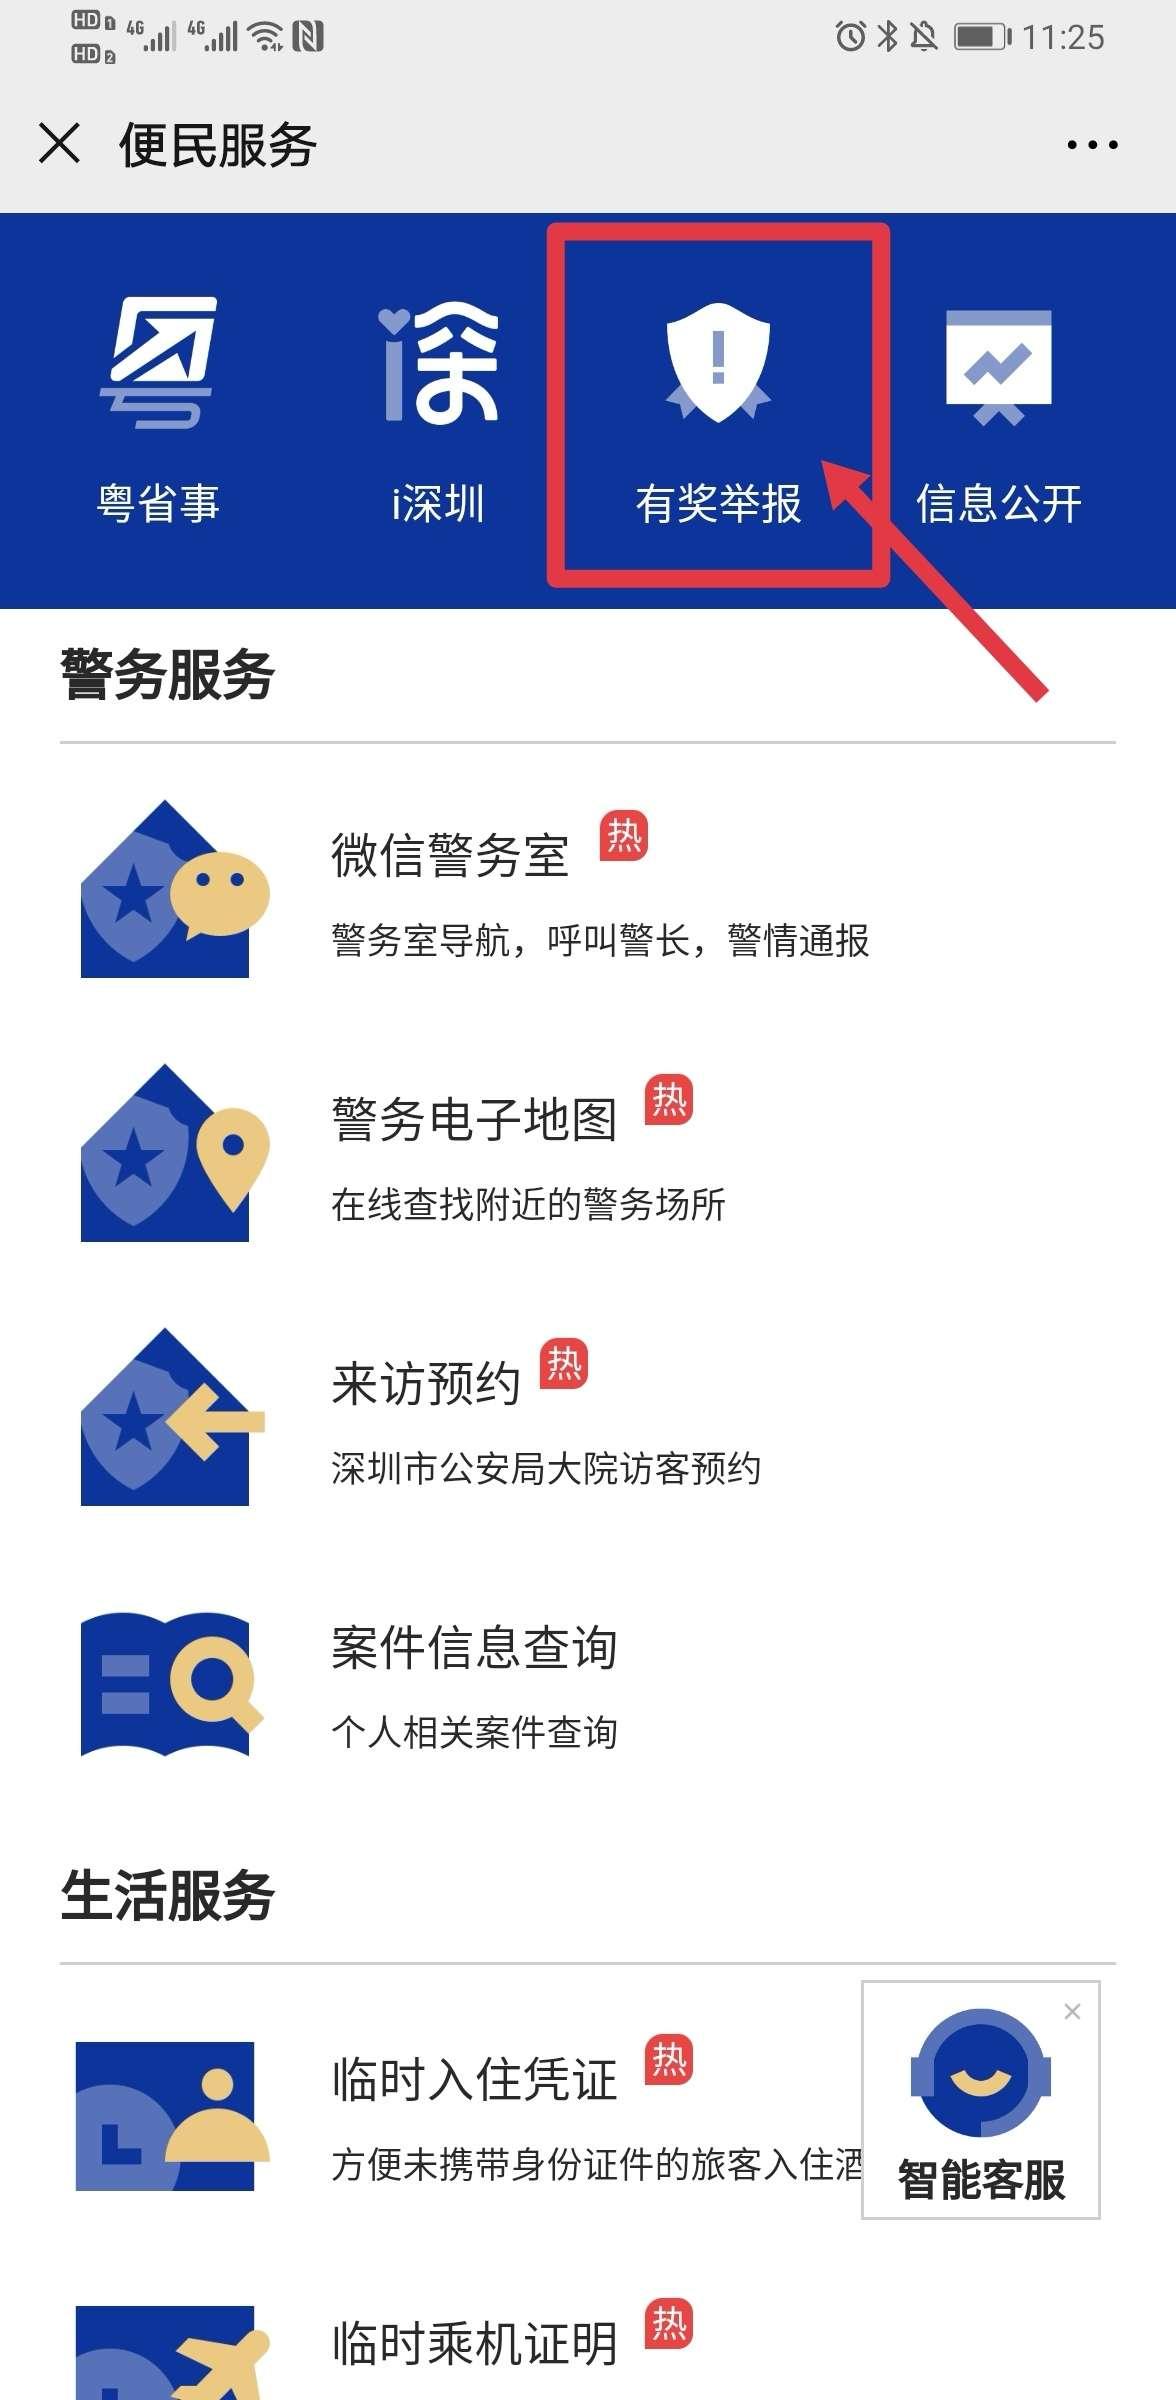 天富:圳警方上线野生动物微信有天富奖举报图片